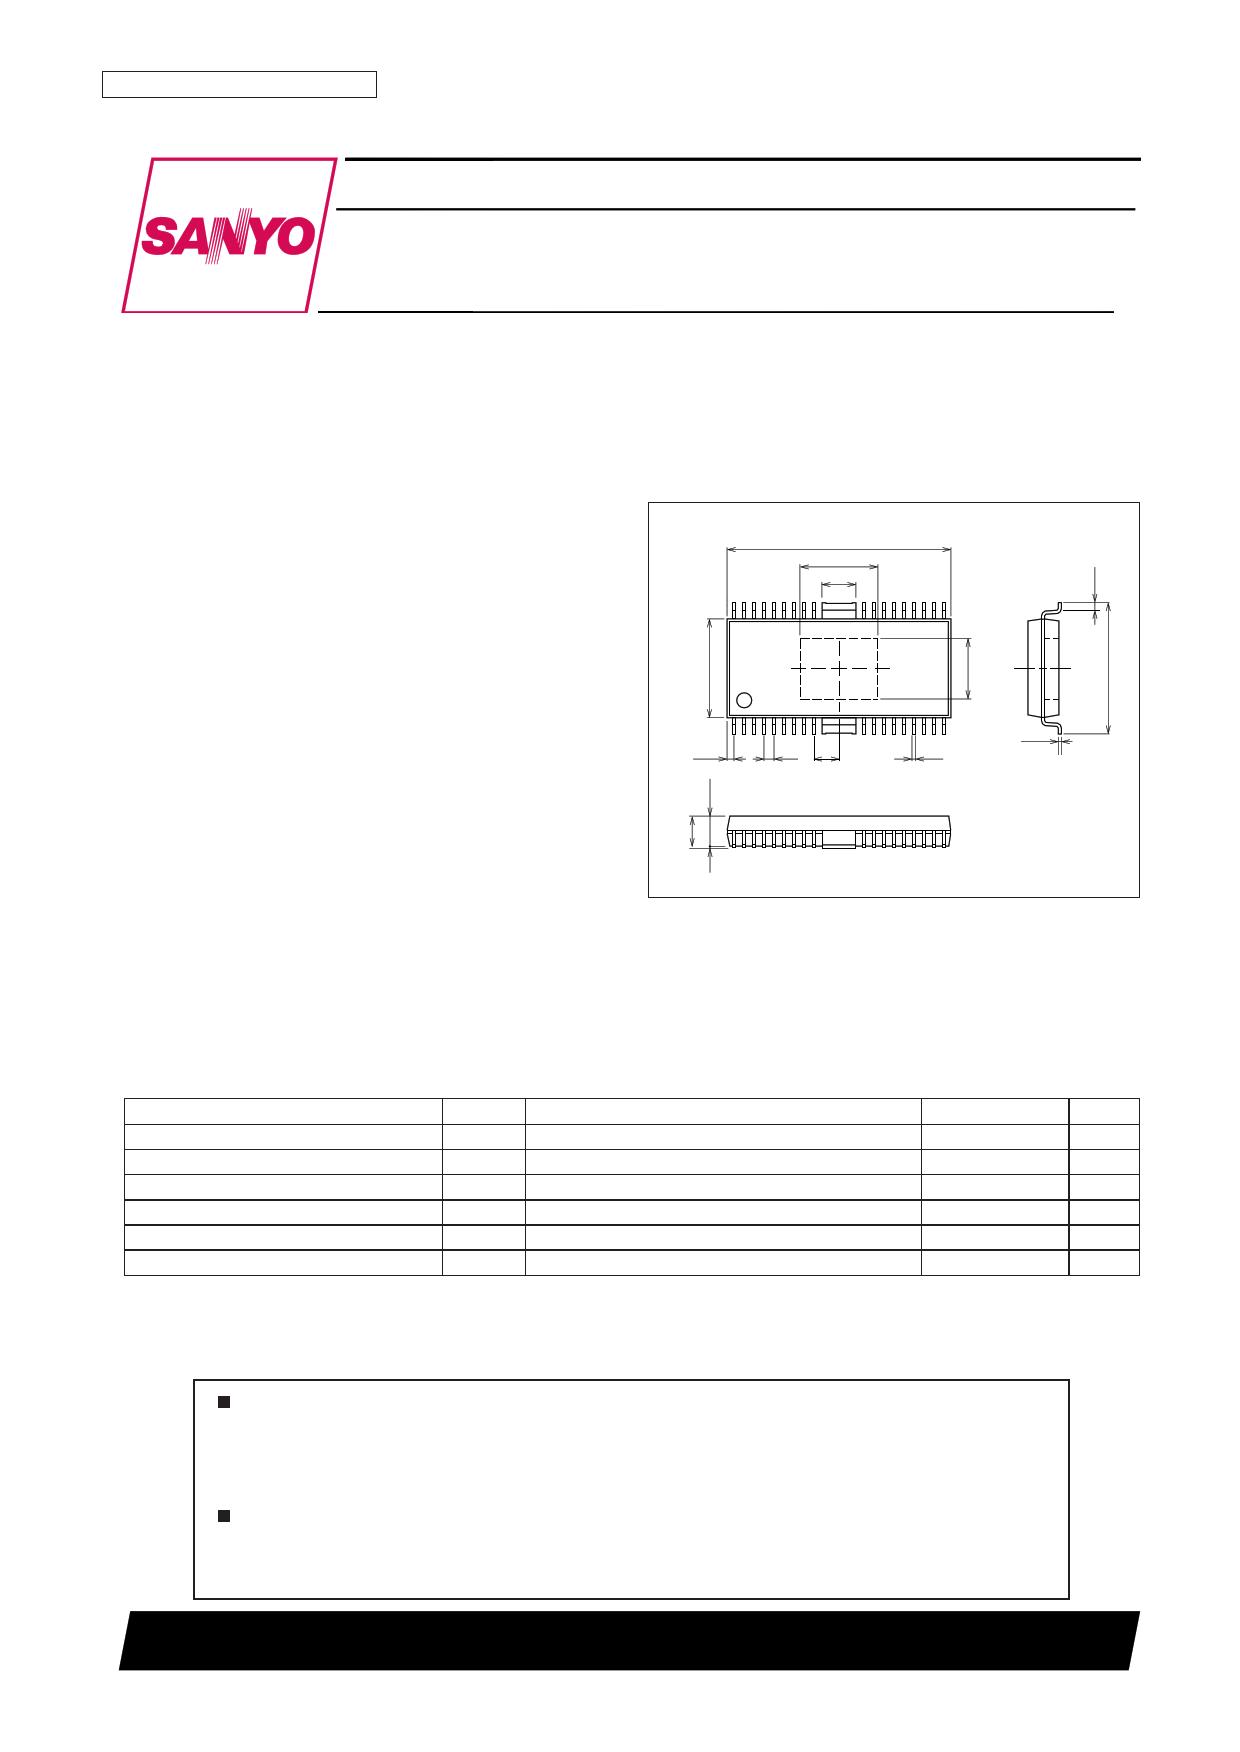 LB1876 datasheet